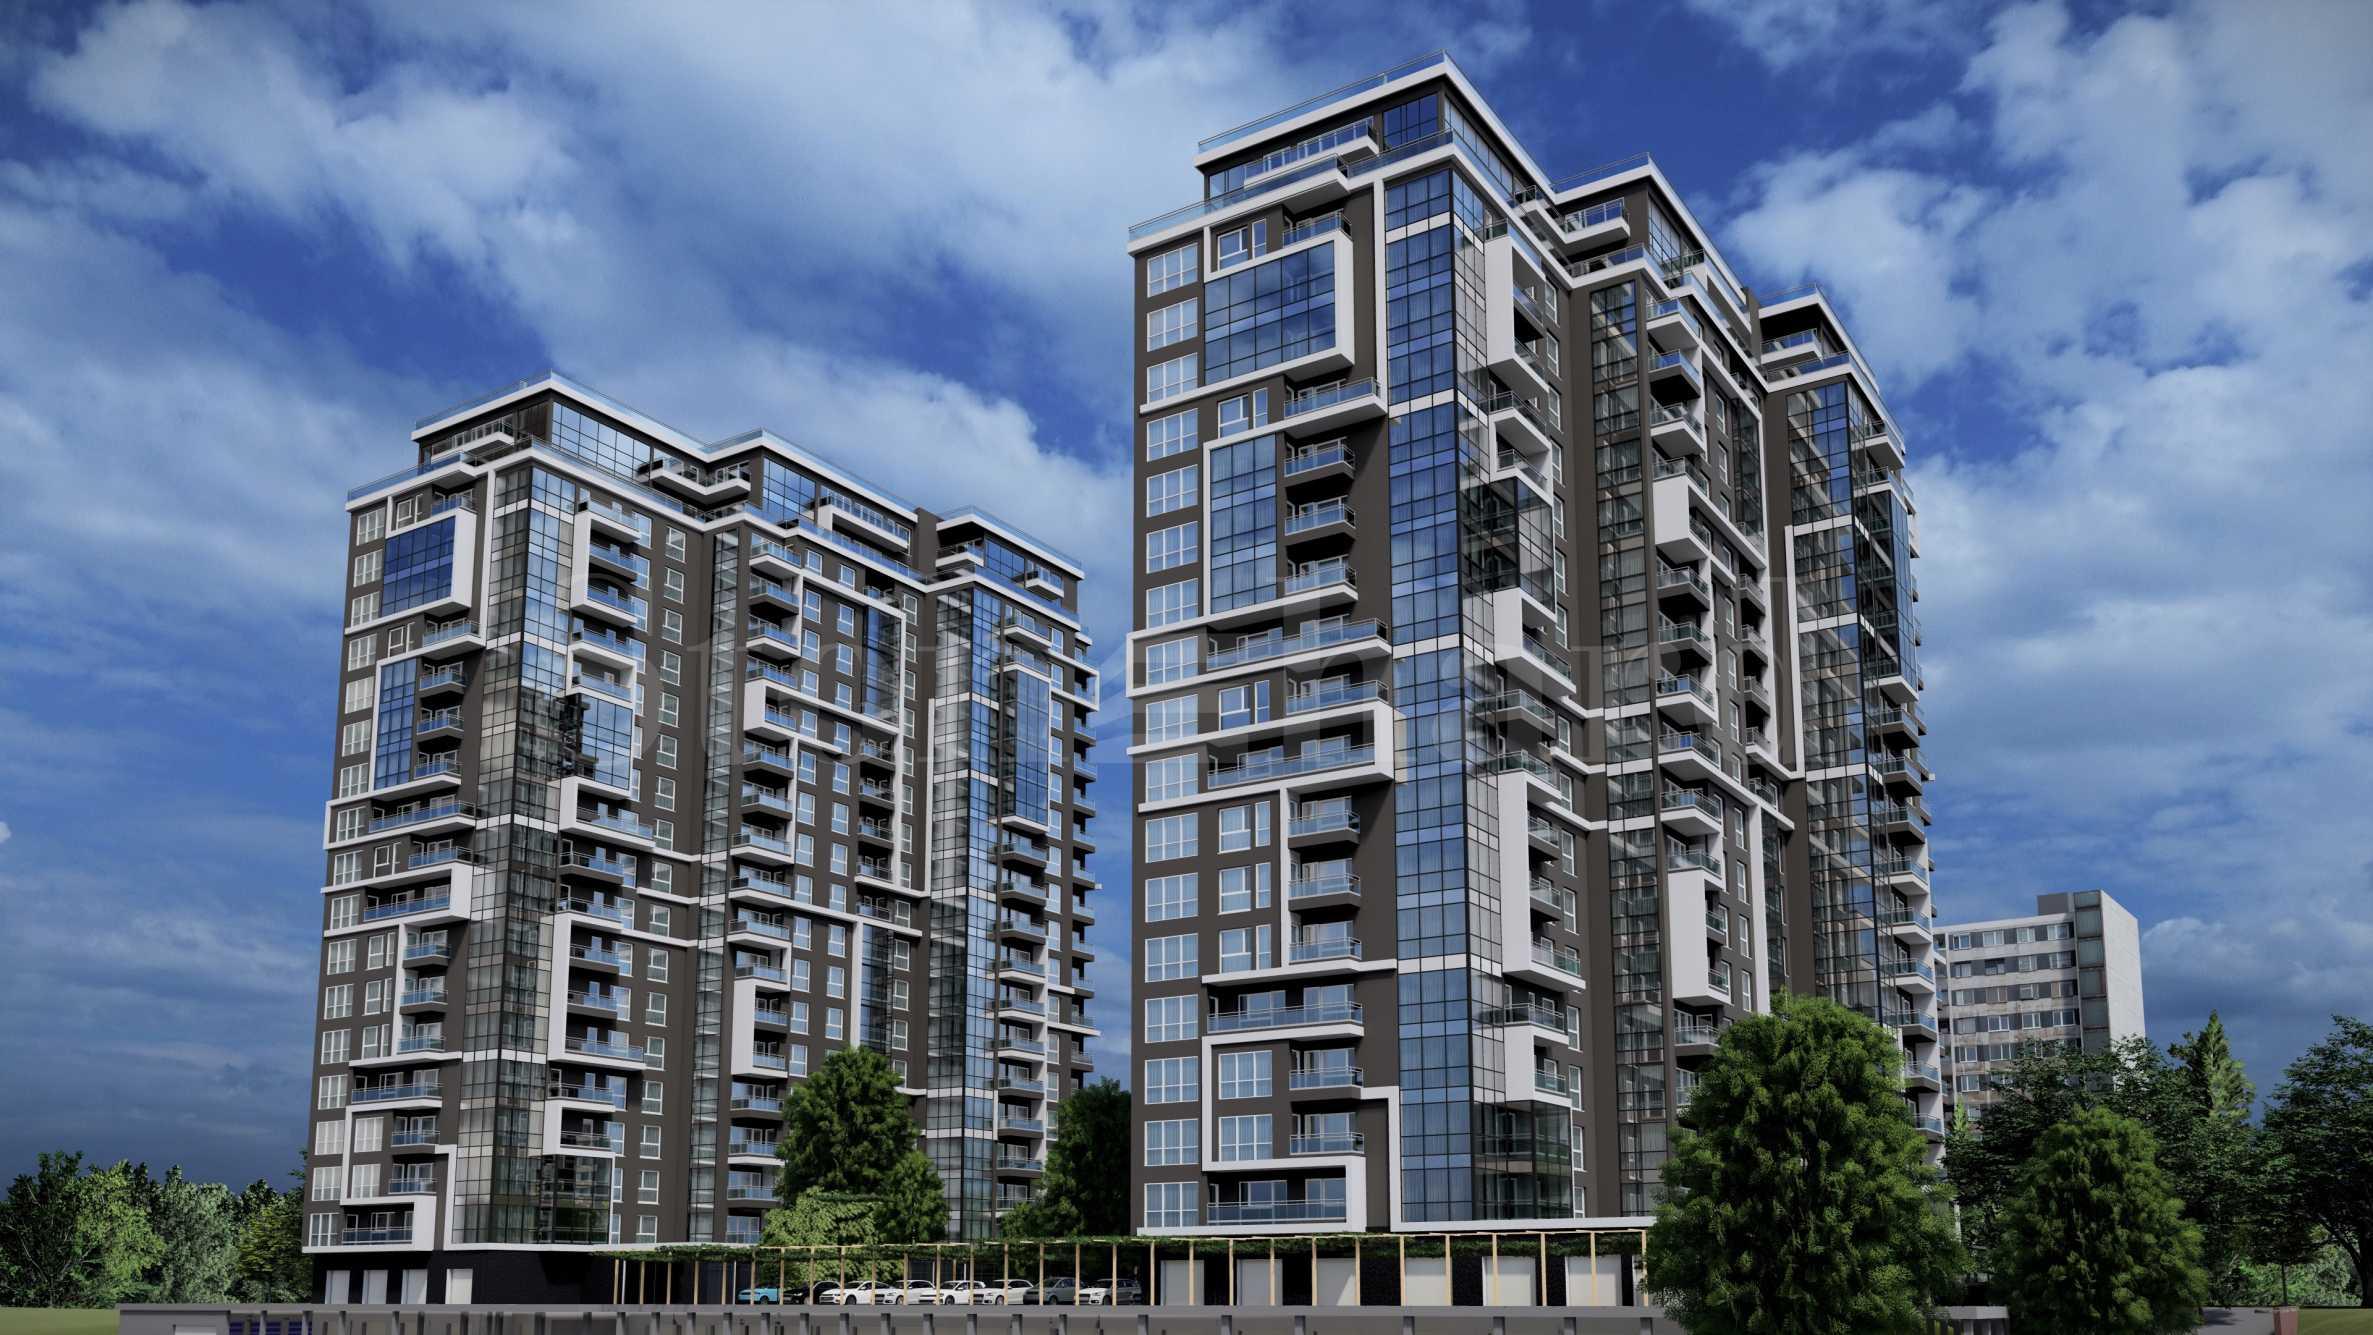 Апартаменти в ефектен комплекс близо до Delta Planet Mall2 - Stonehard